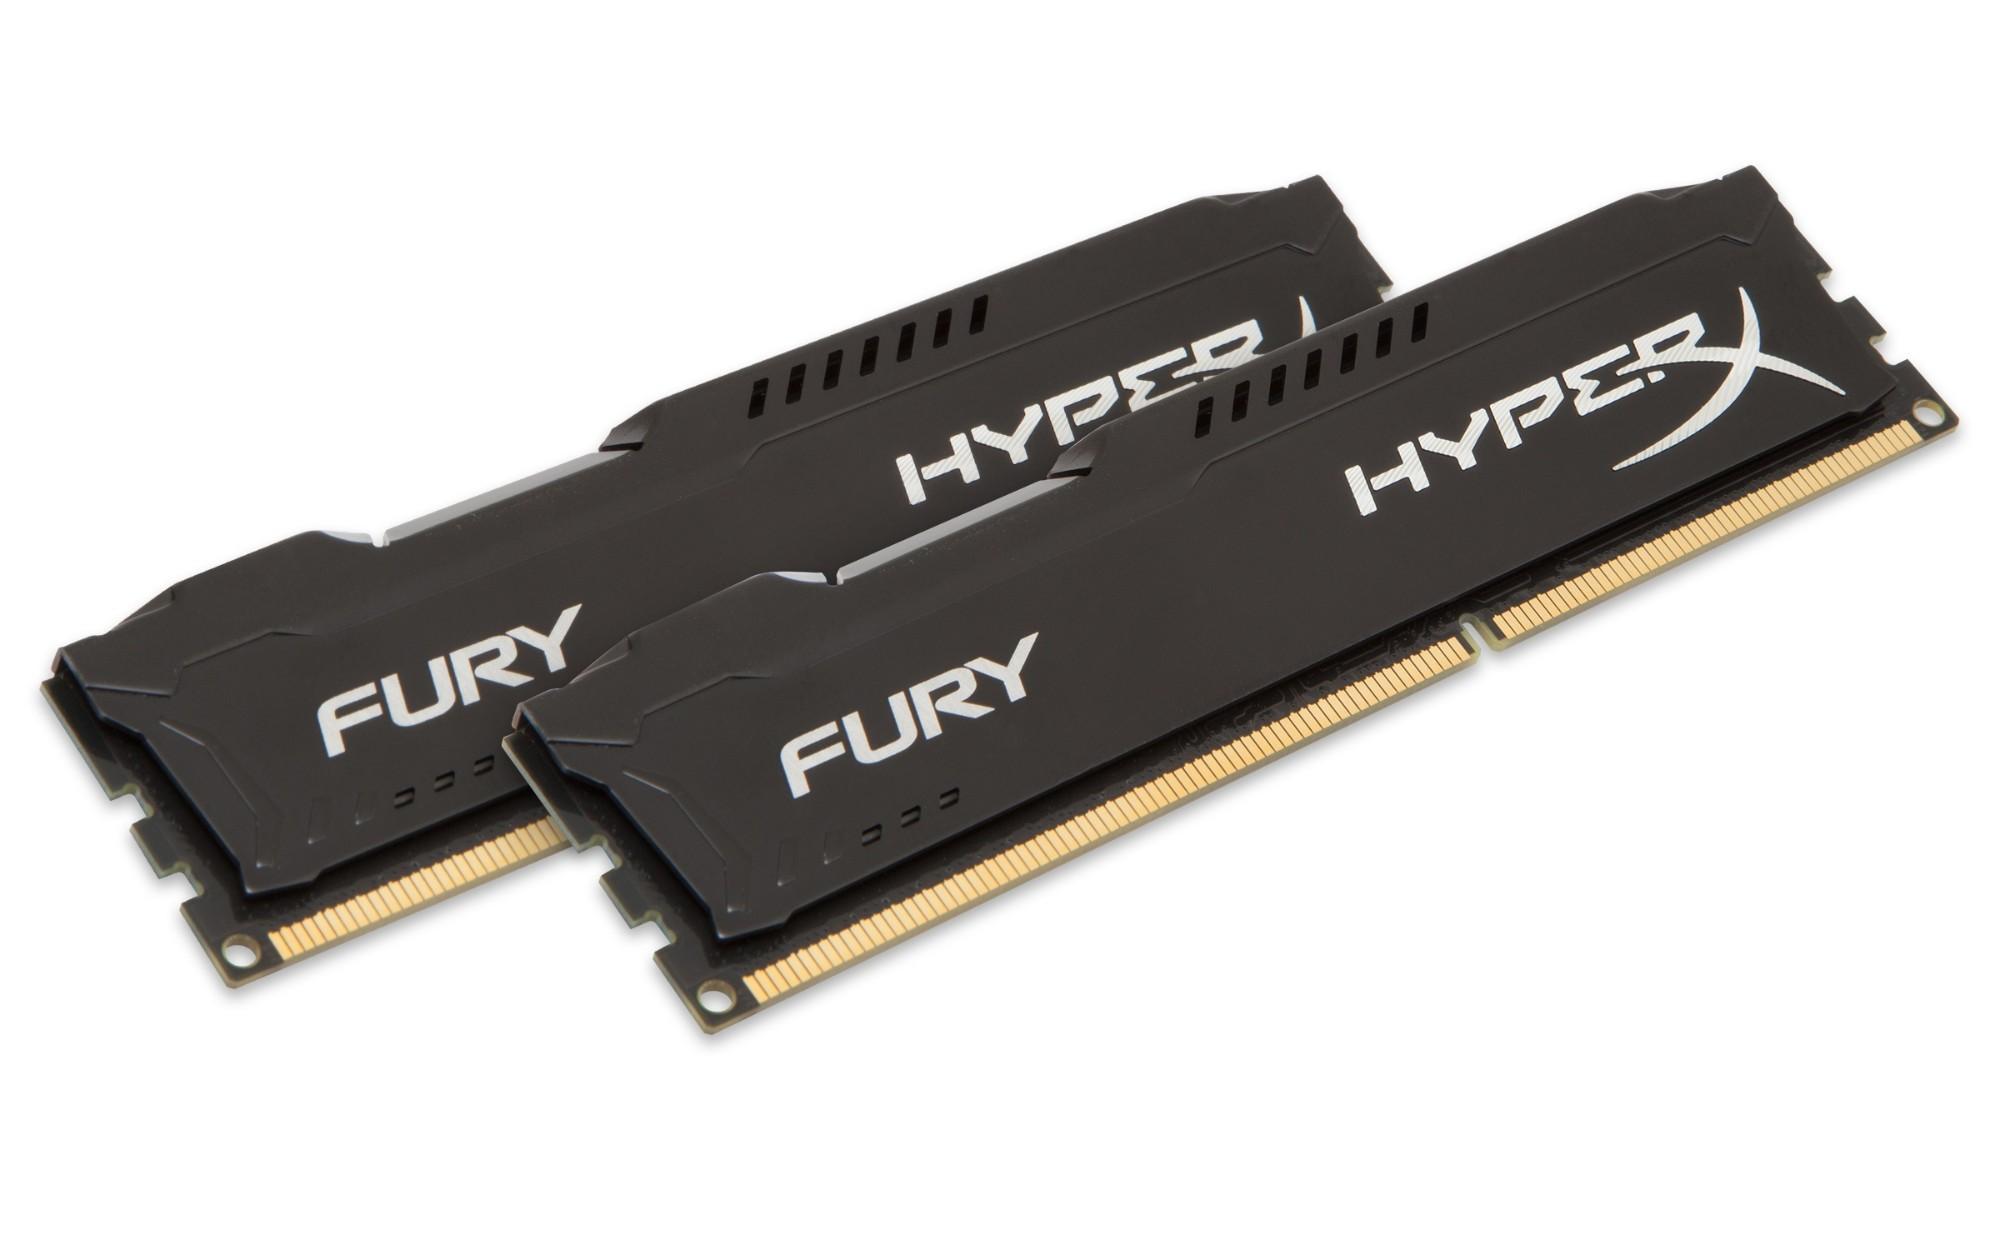 HyperX FURY Black 16GB 1600MHz DDR3 memory module